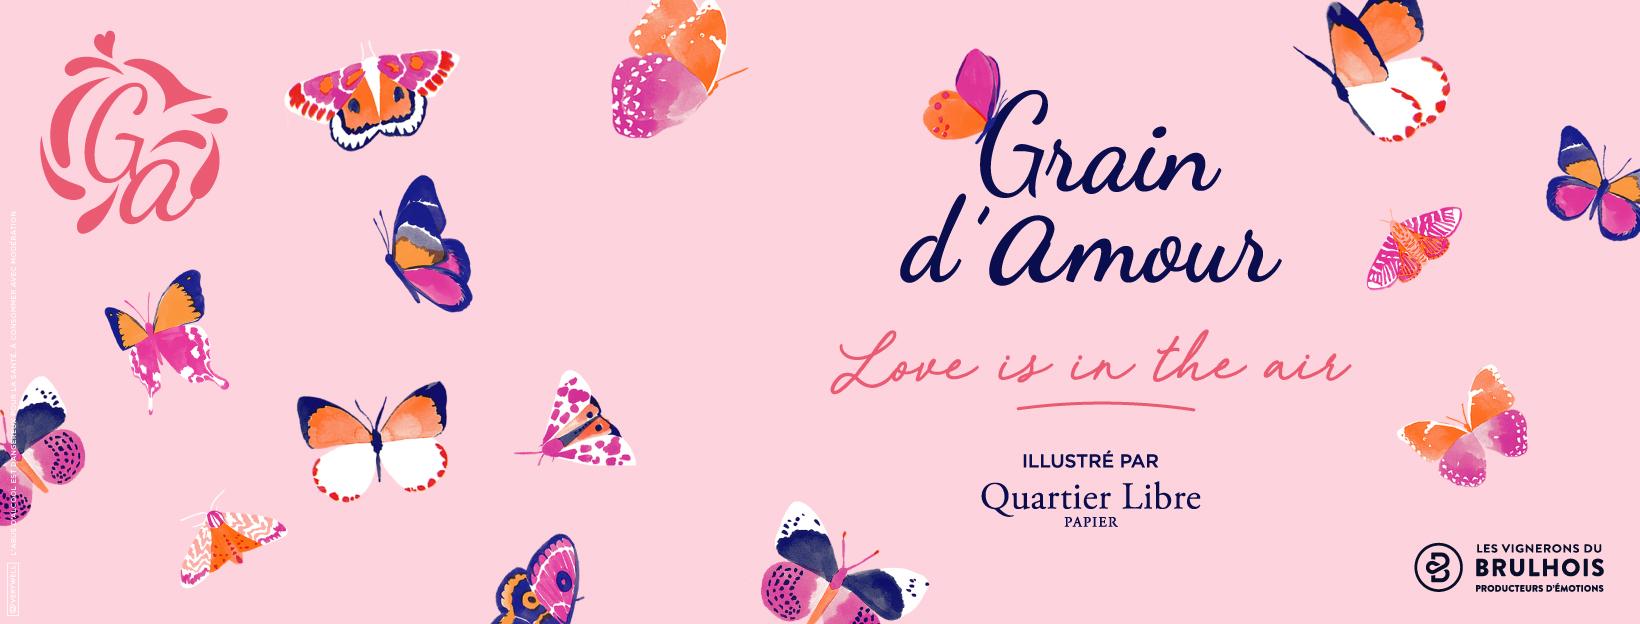 Grain d'amour - édition collecteur 2021